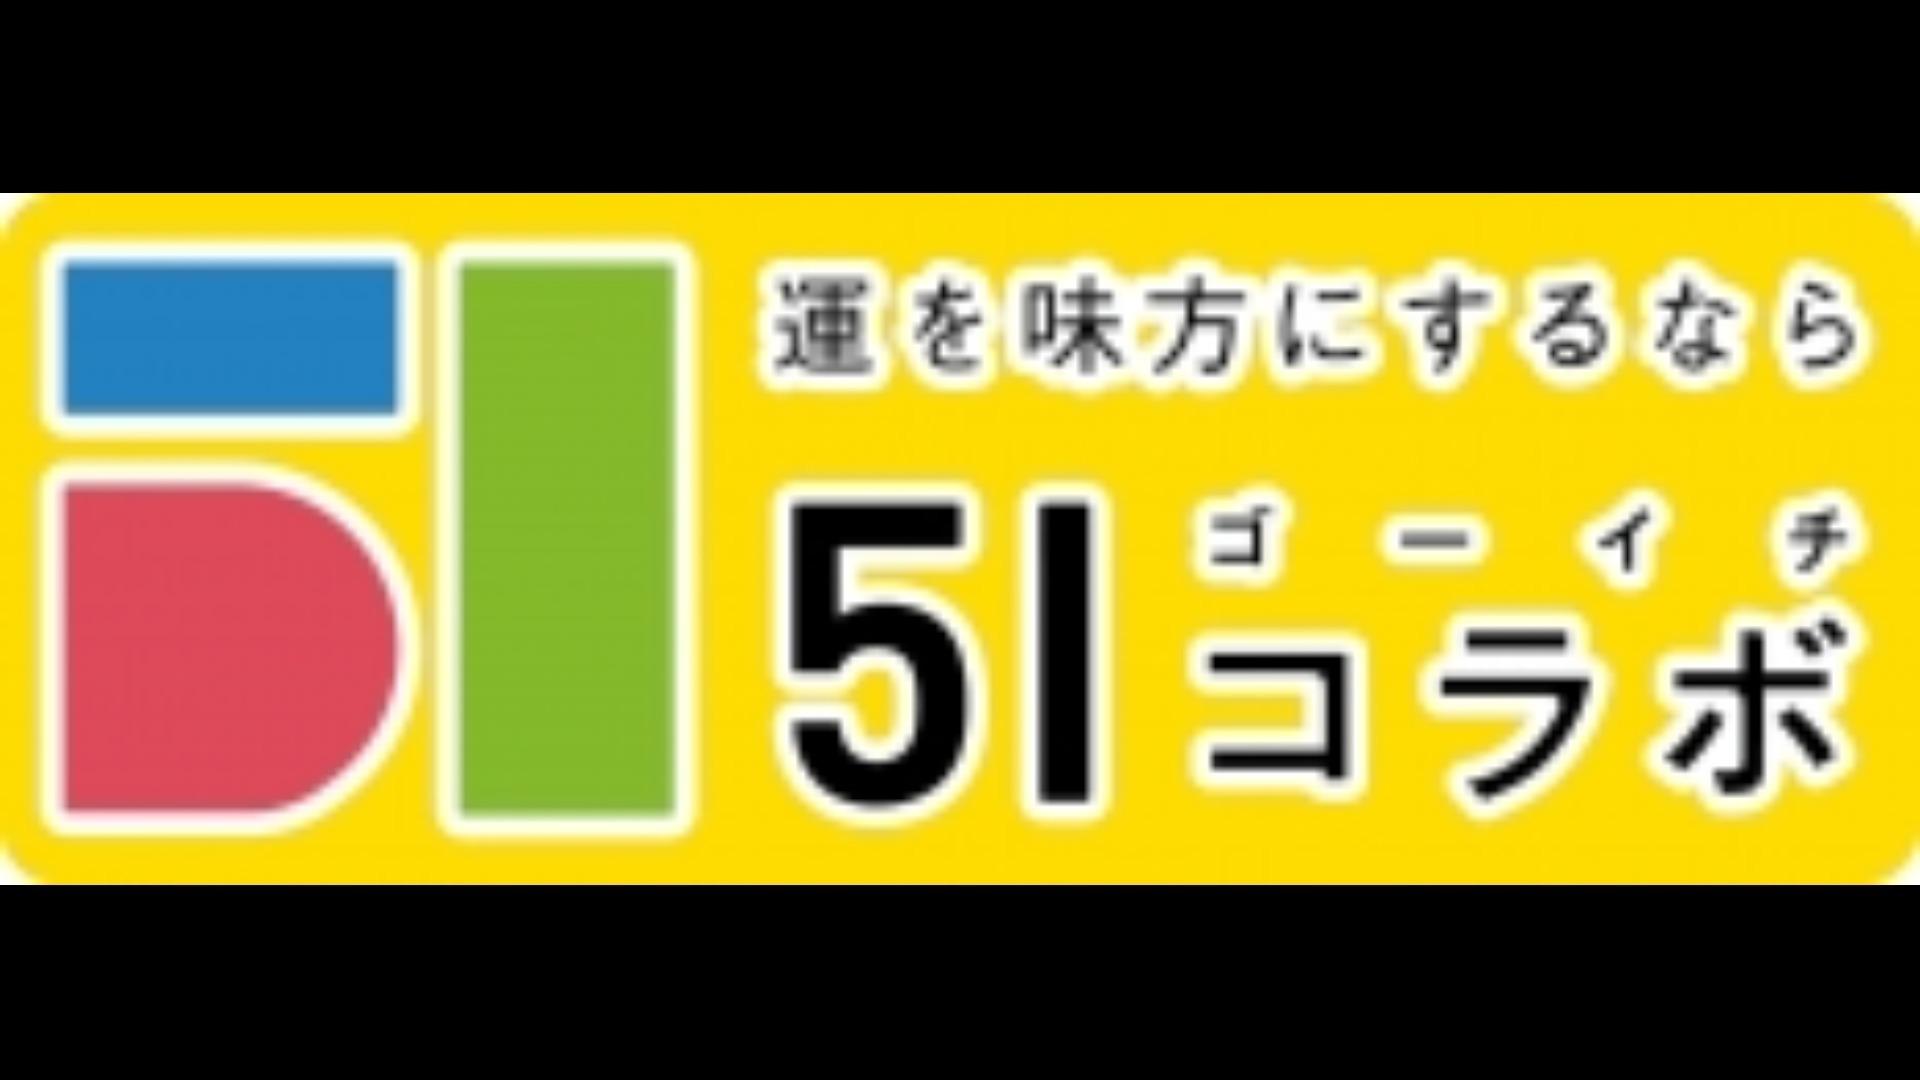 株式会社51コラボレーションズ